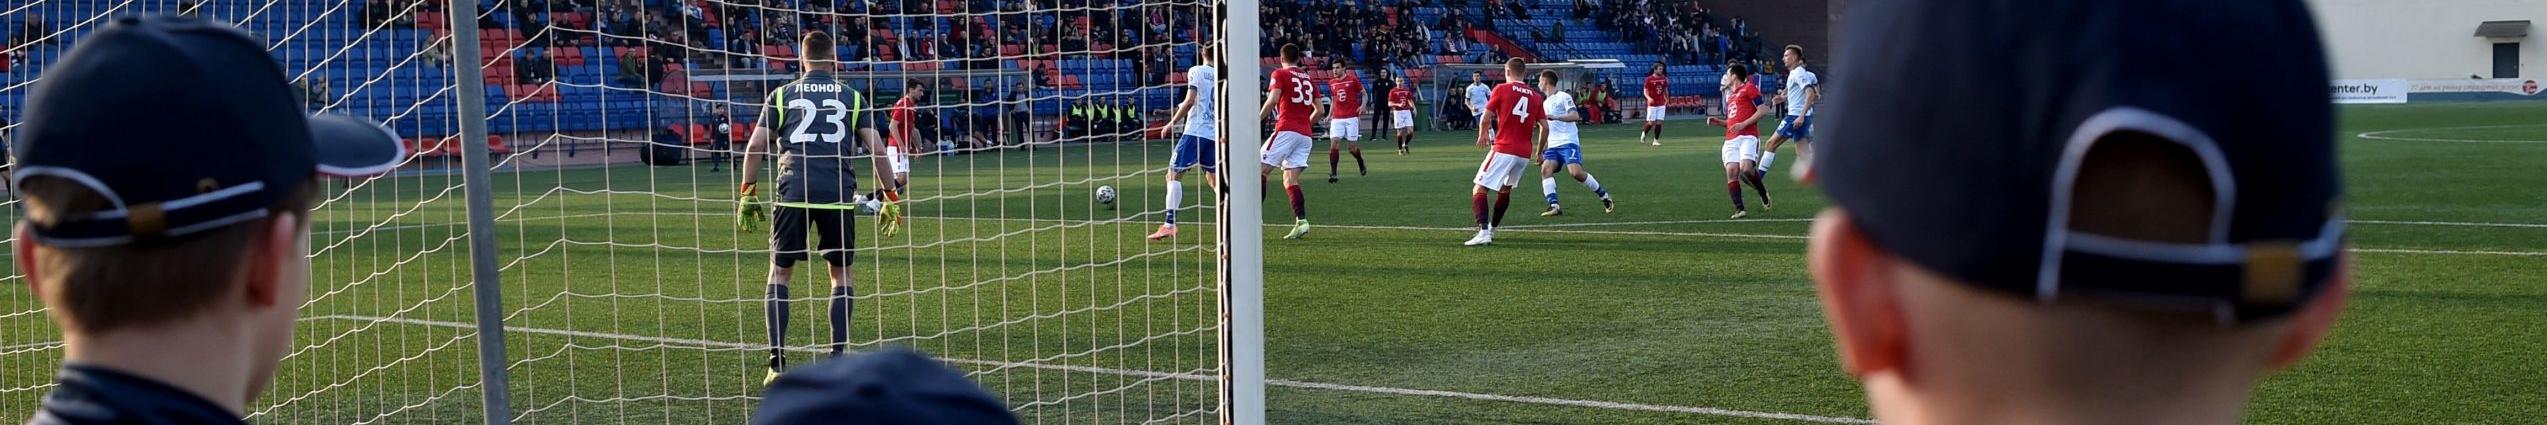 Ruh Brest-FC Minsk: la neopromossa padrona di casa cerca punti chiave per salvarsi